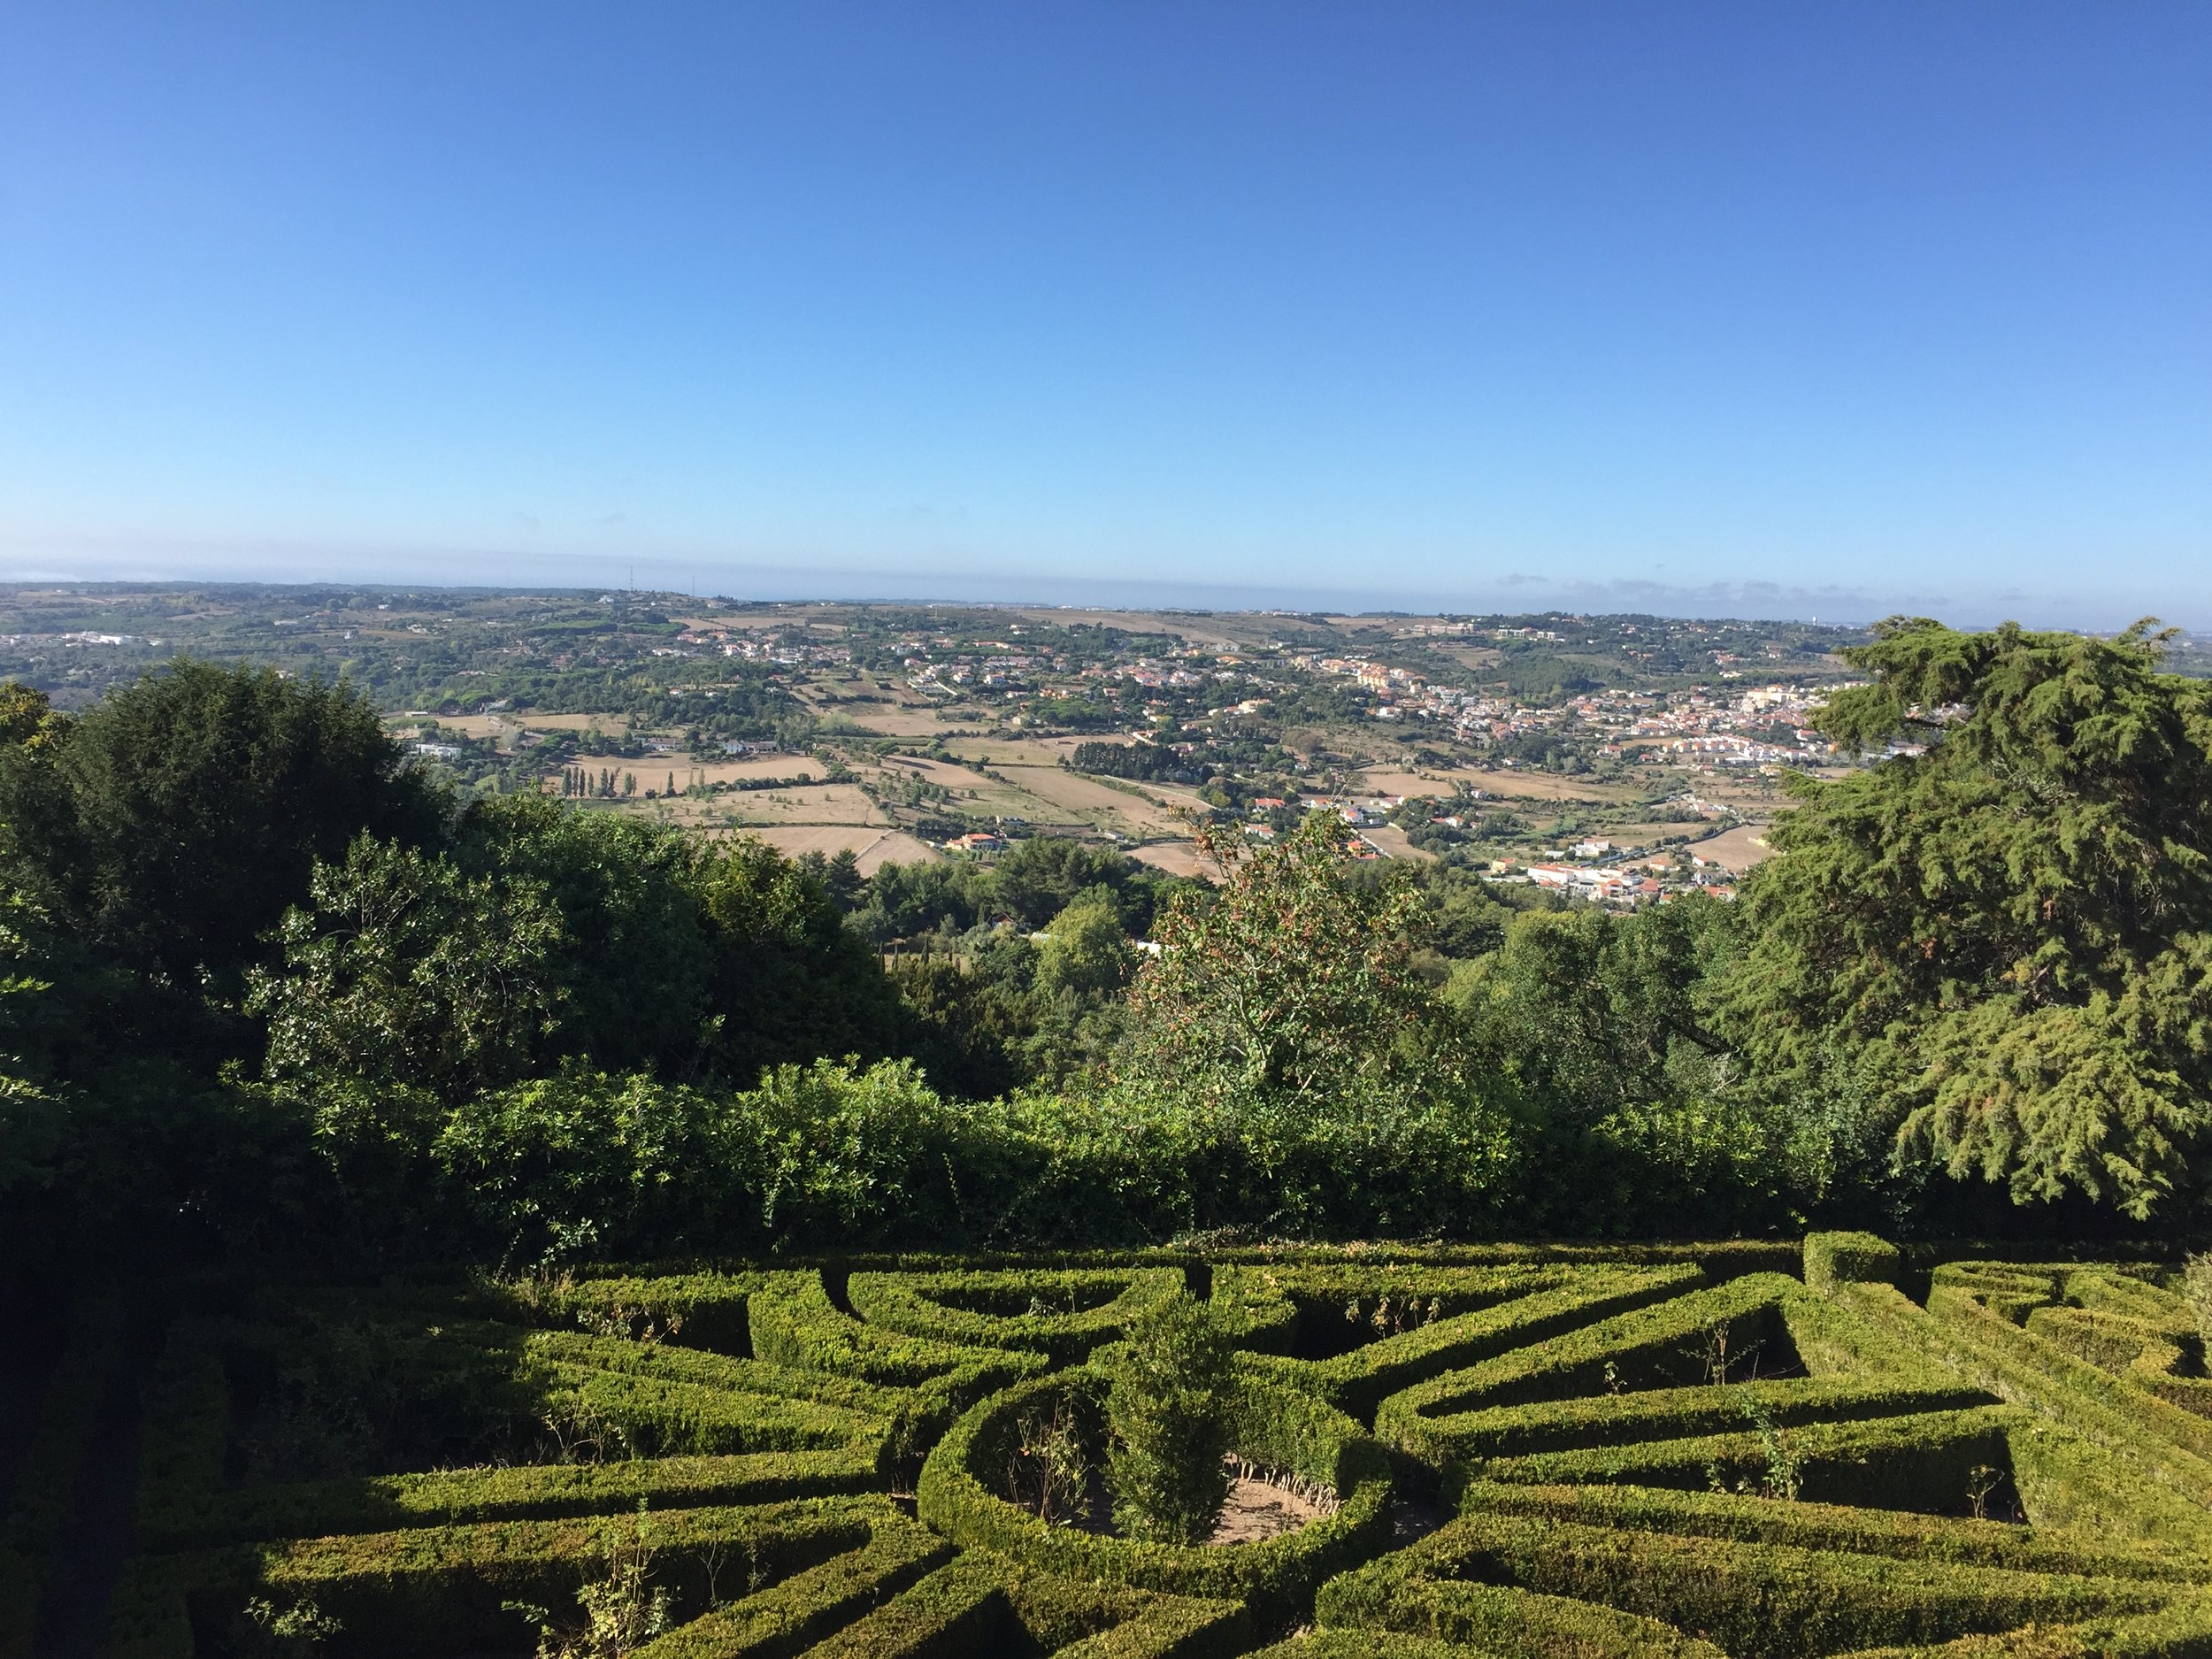 View of the Garden Maze. Photo by Erica Firpo.